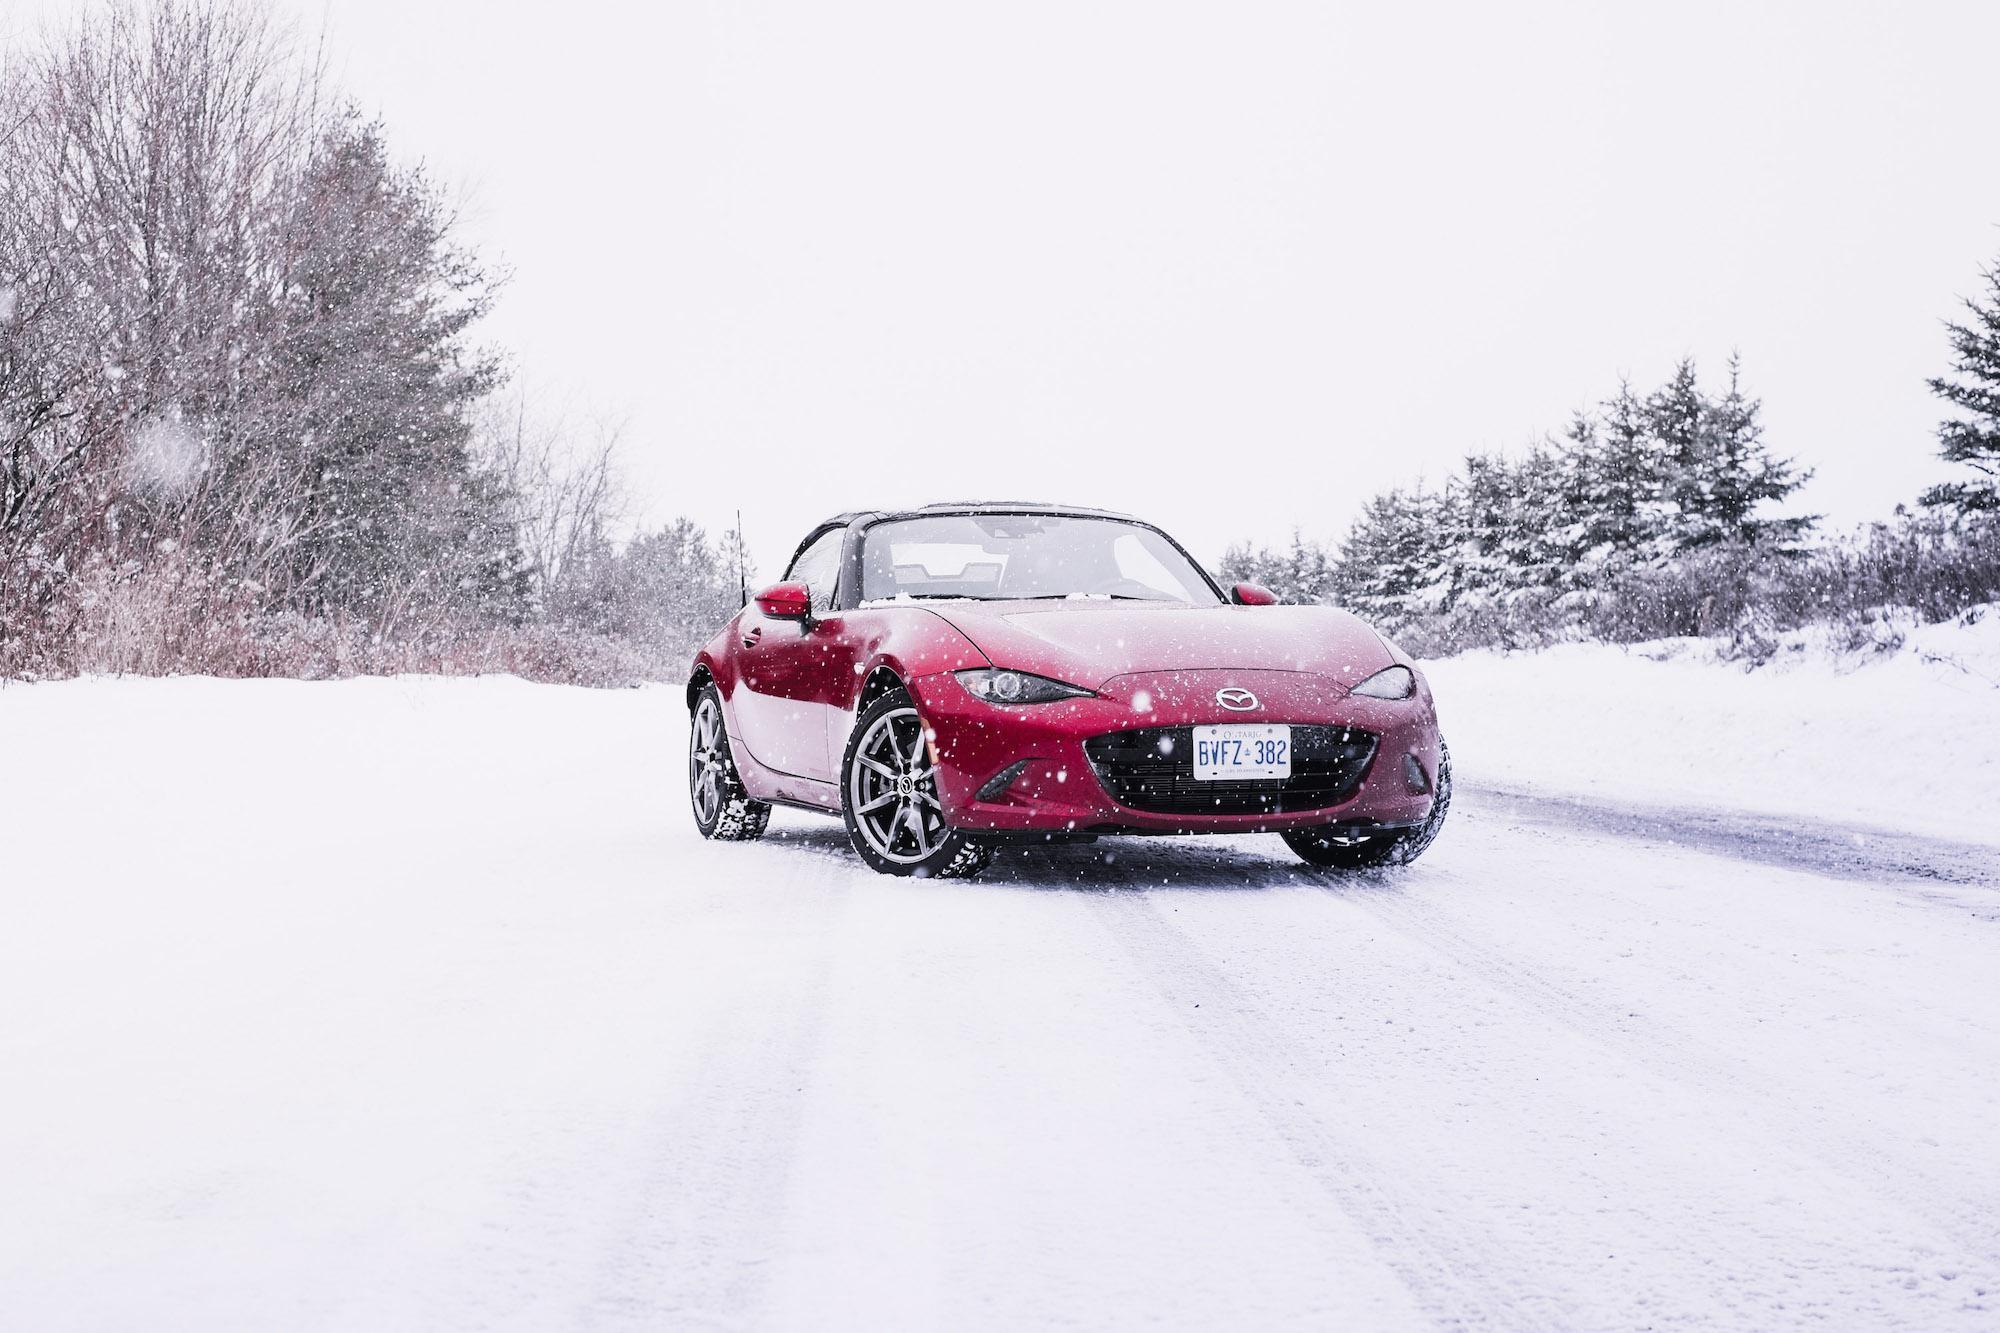 Red Mazda in the snow